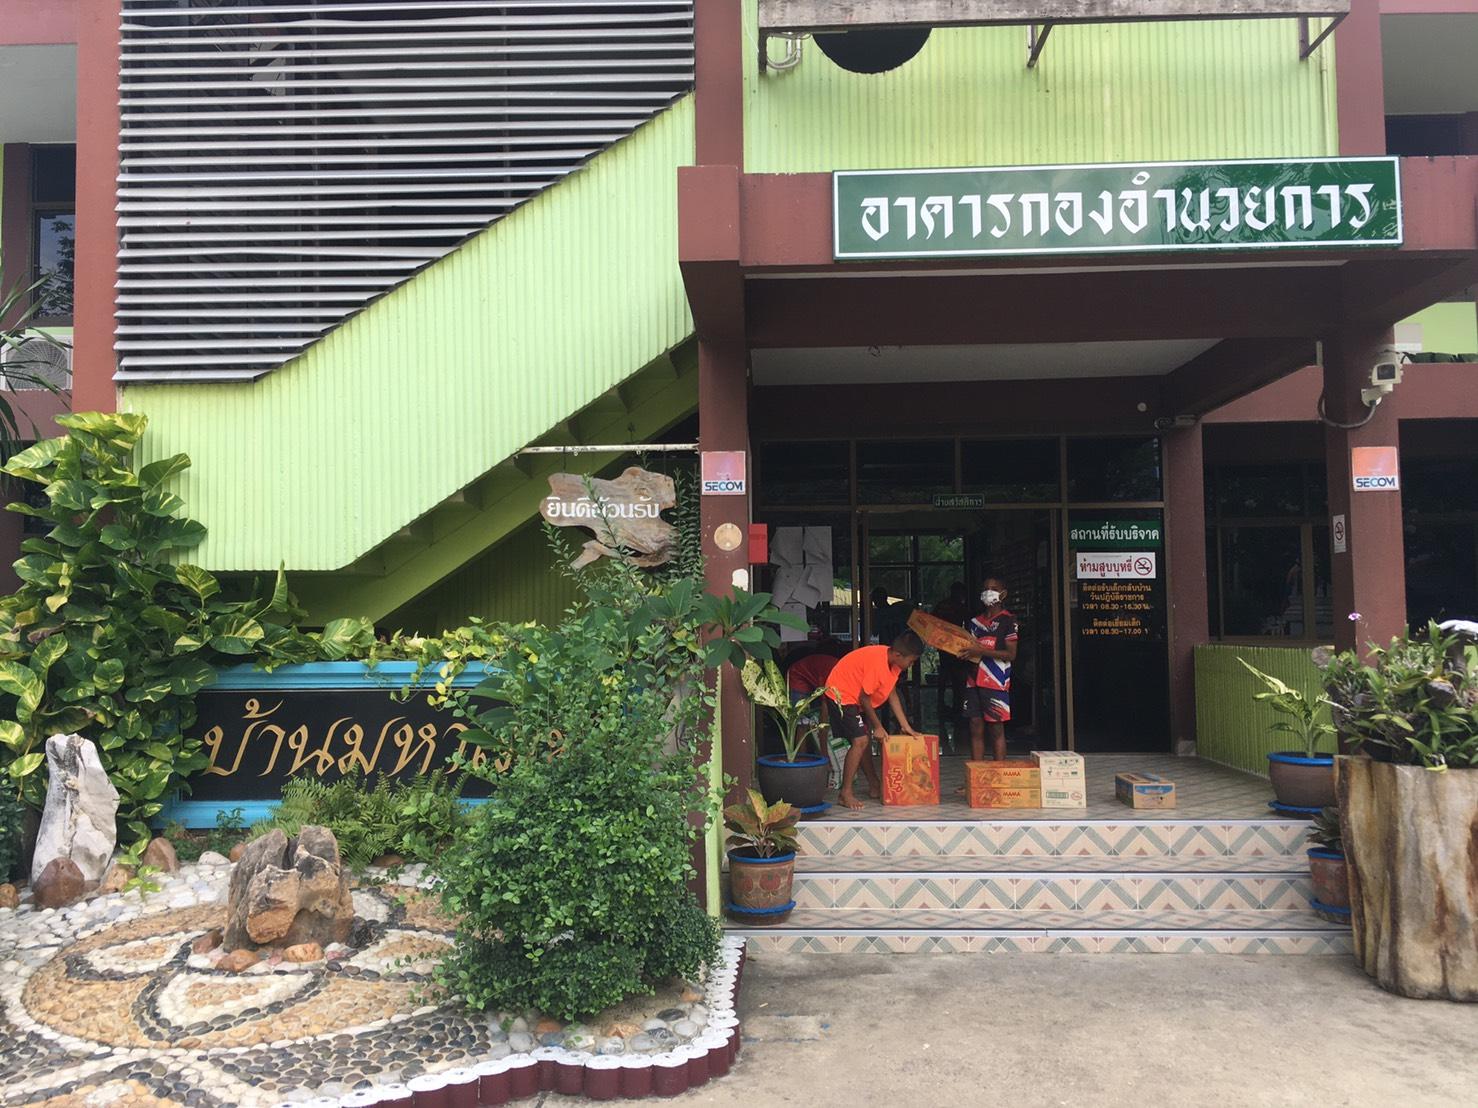 外観の様子 NPOボールひとつが繋ぐ縁13 タイ王国 バンコク bannmahamek LIVE支援(2021年4月17日)